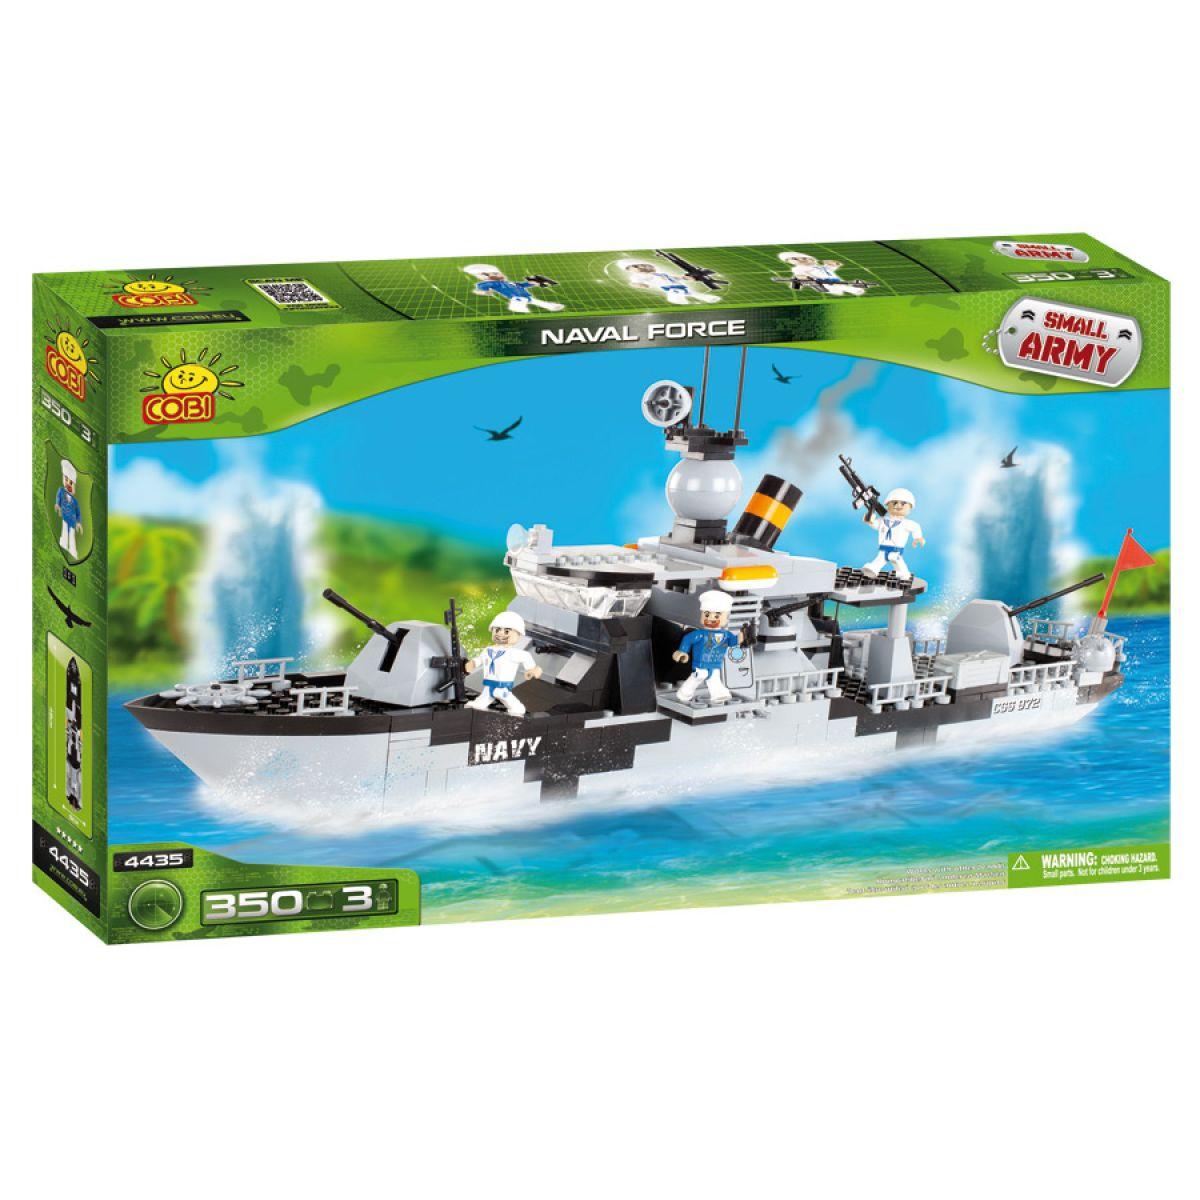 COBI 4435 - Malá armáda - Námořní síly